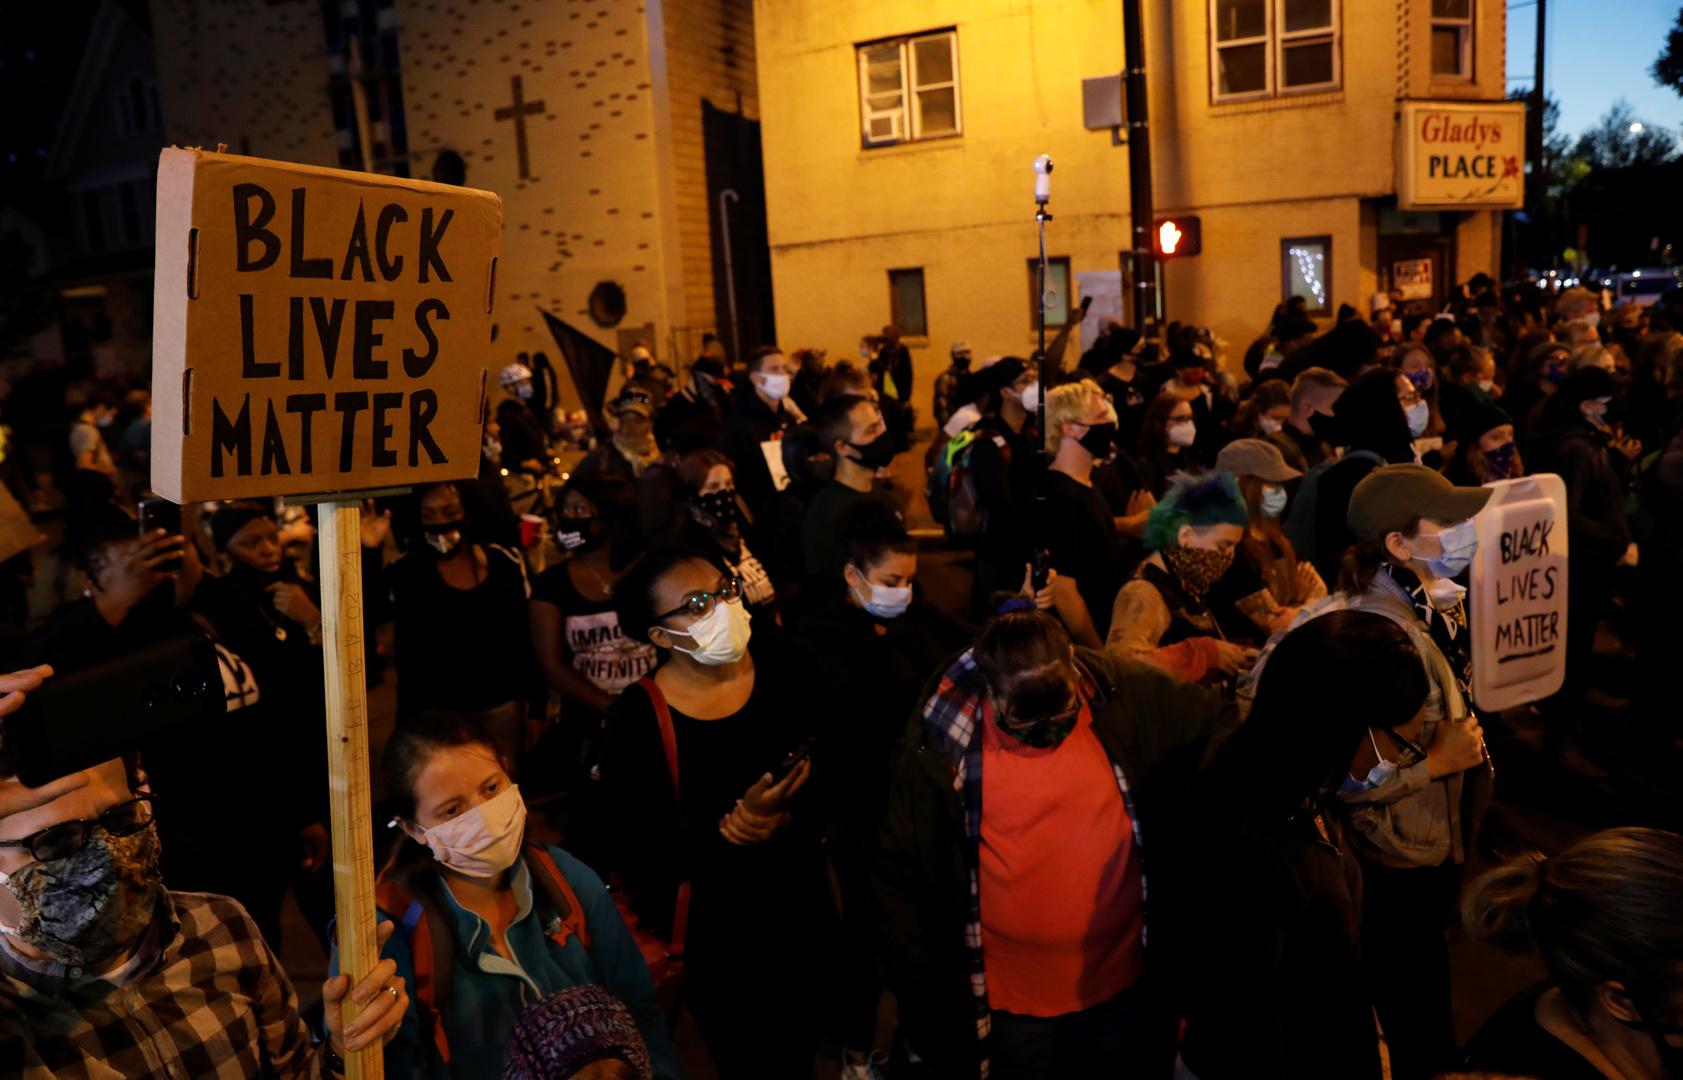 Manifestation de Black Lives Matter à Rochester, aux Etats-Unis.